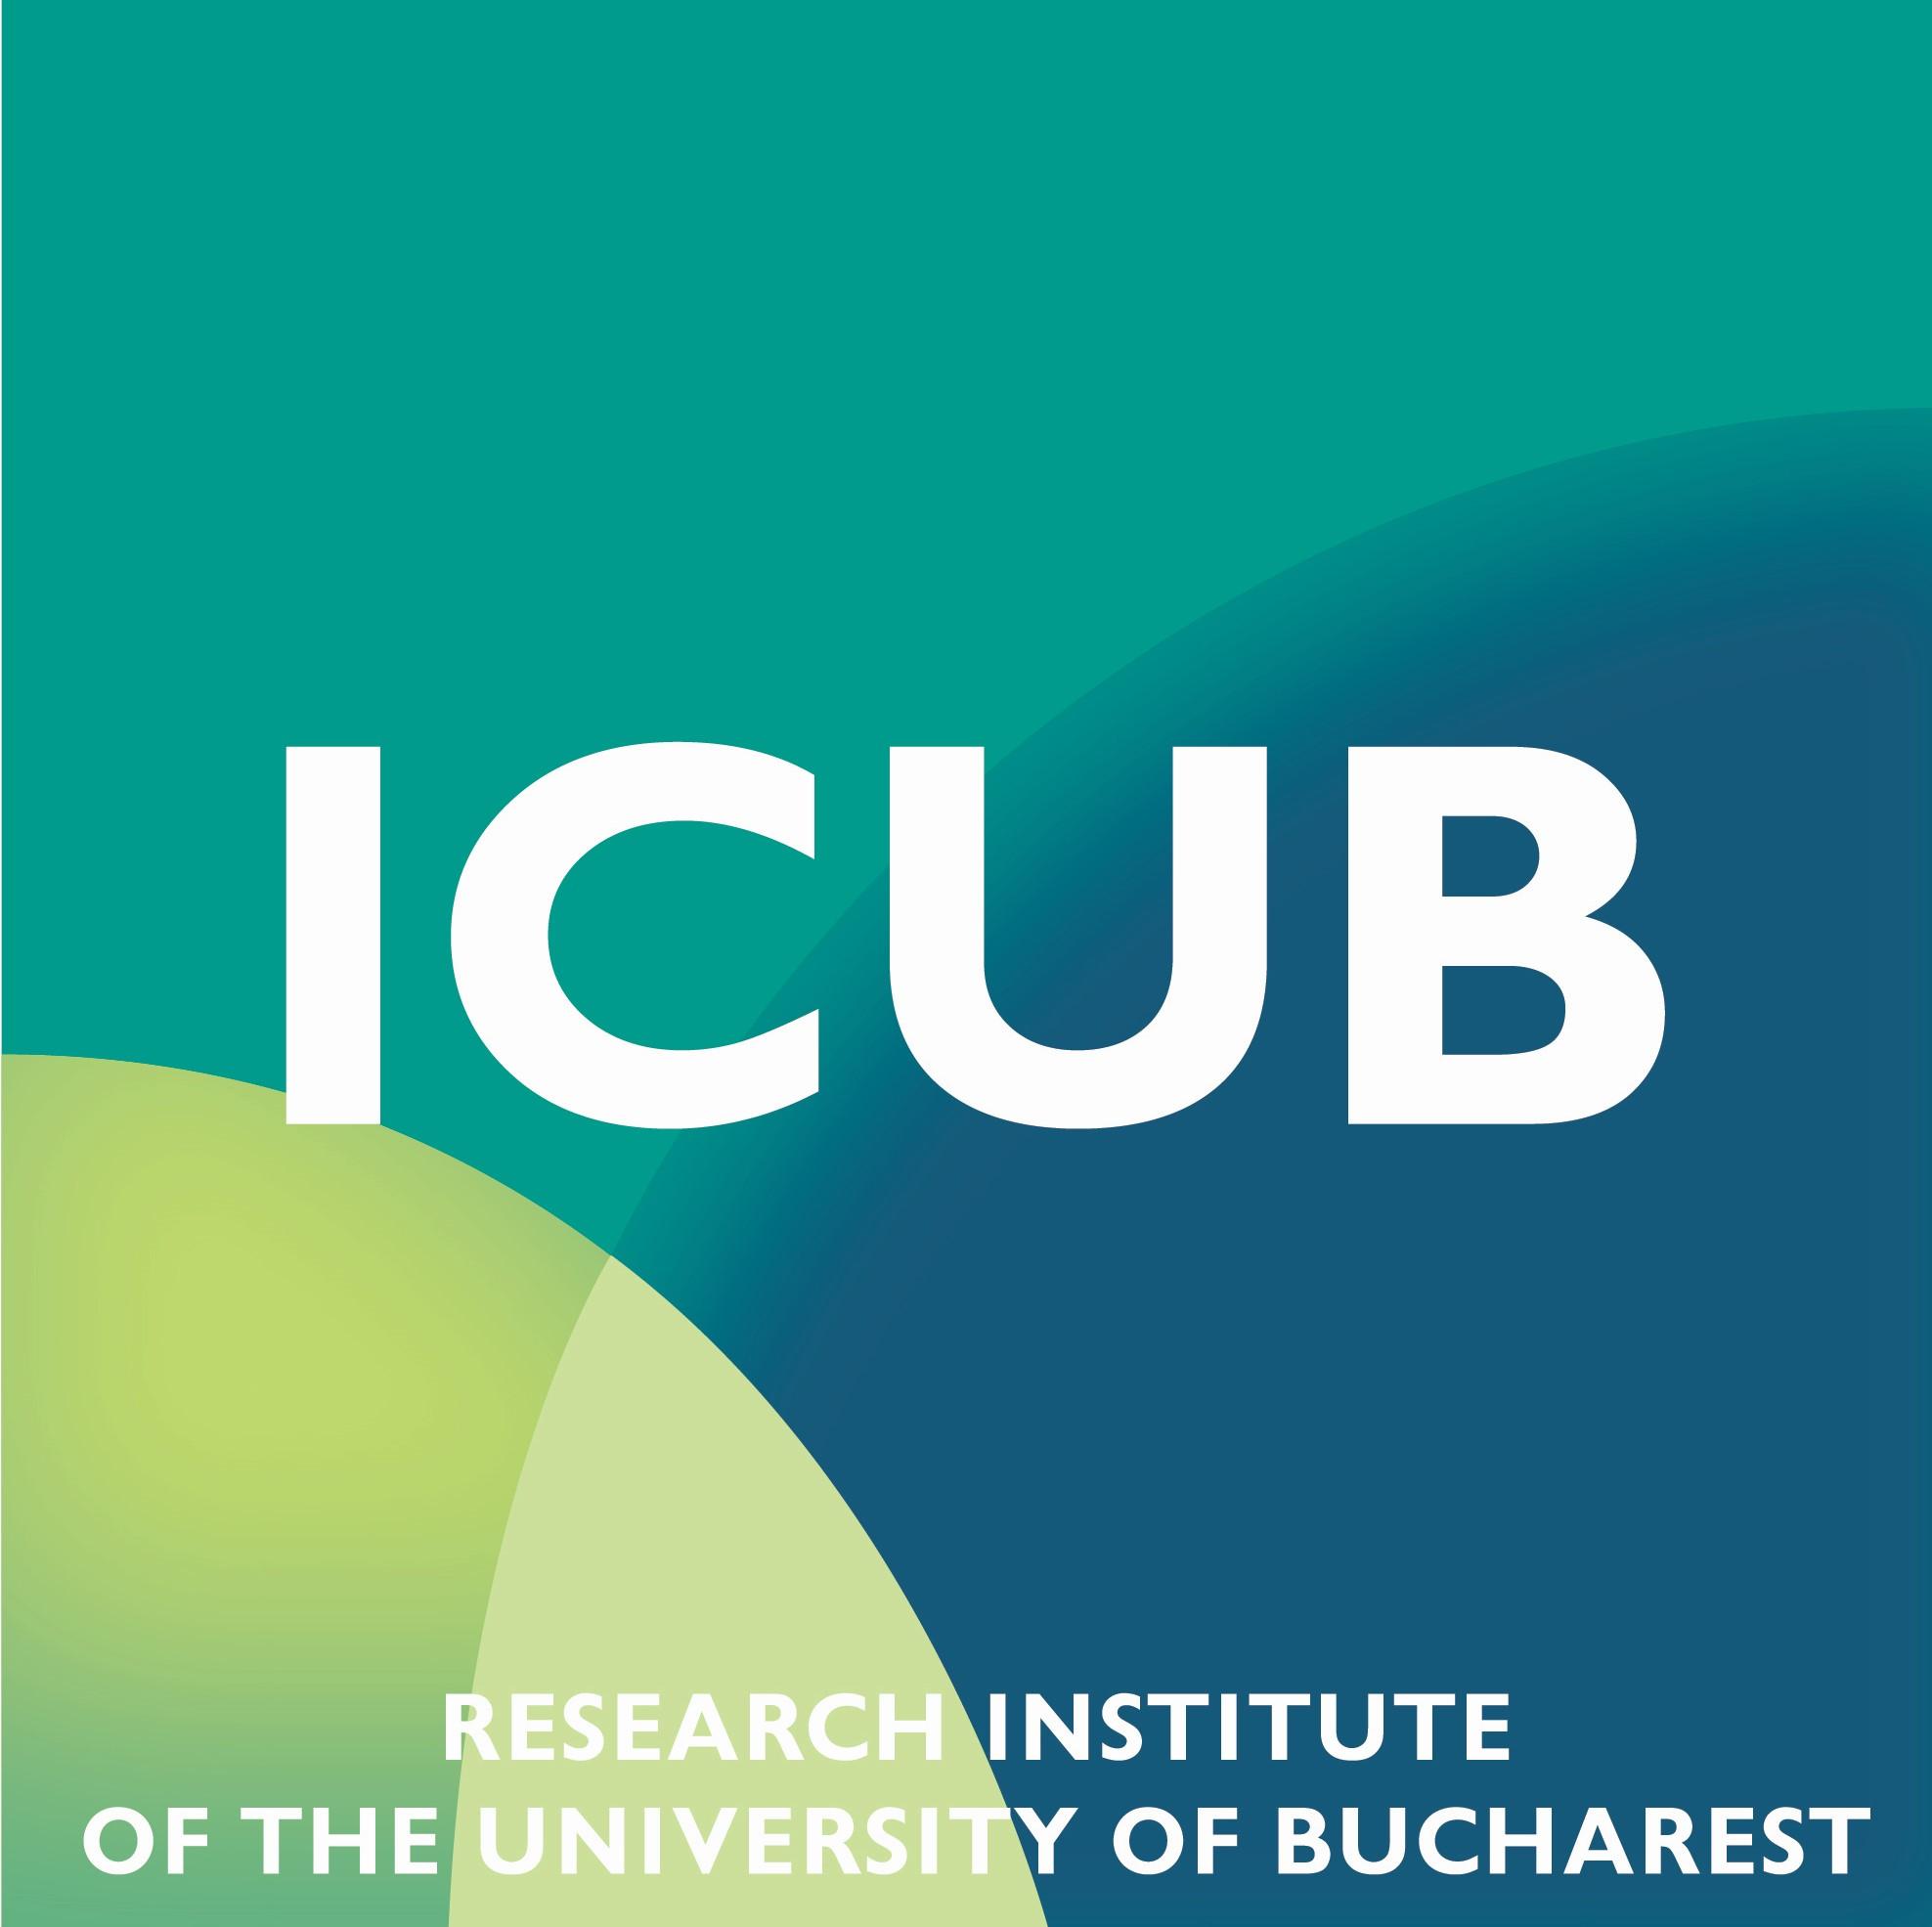 2-Logo-ICUB-ALES